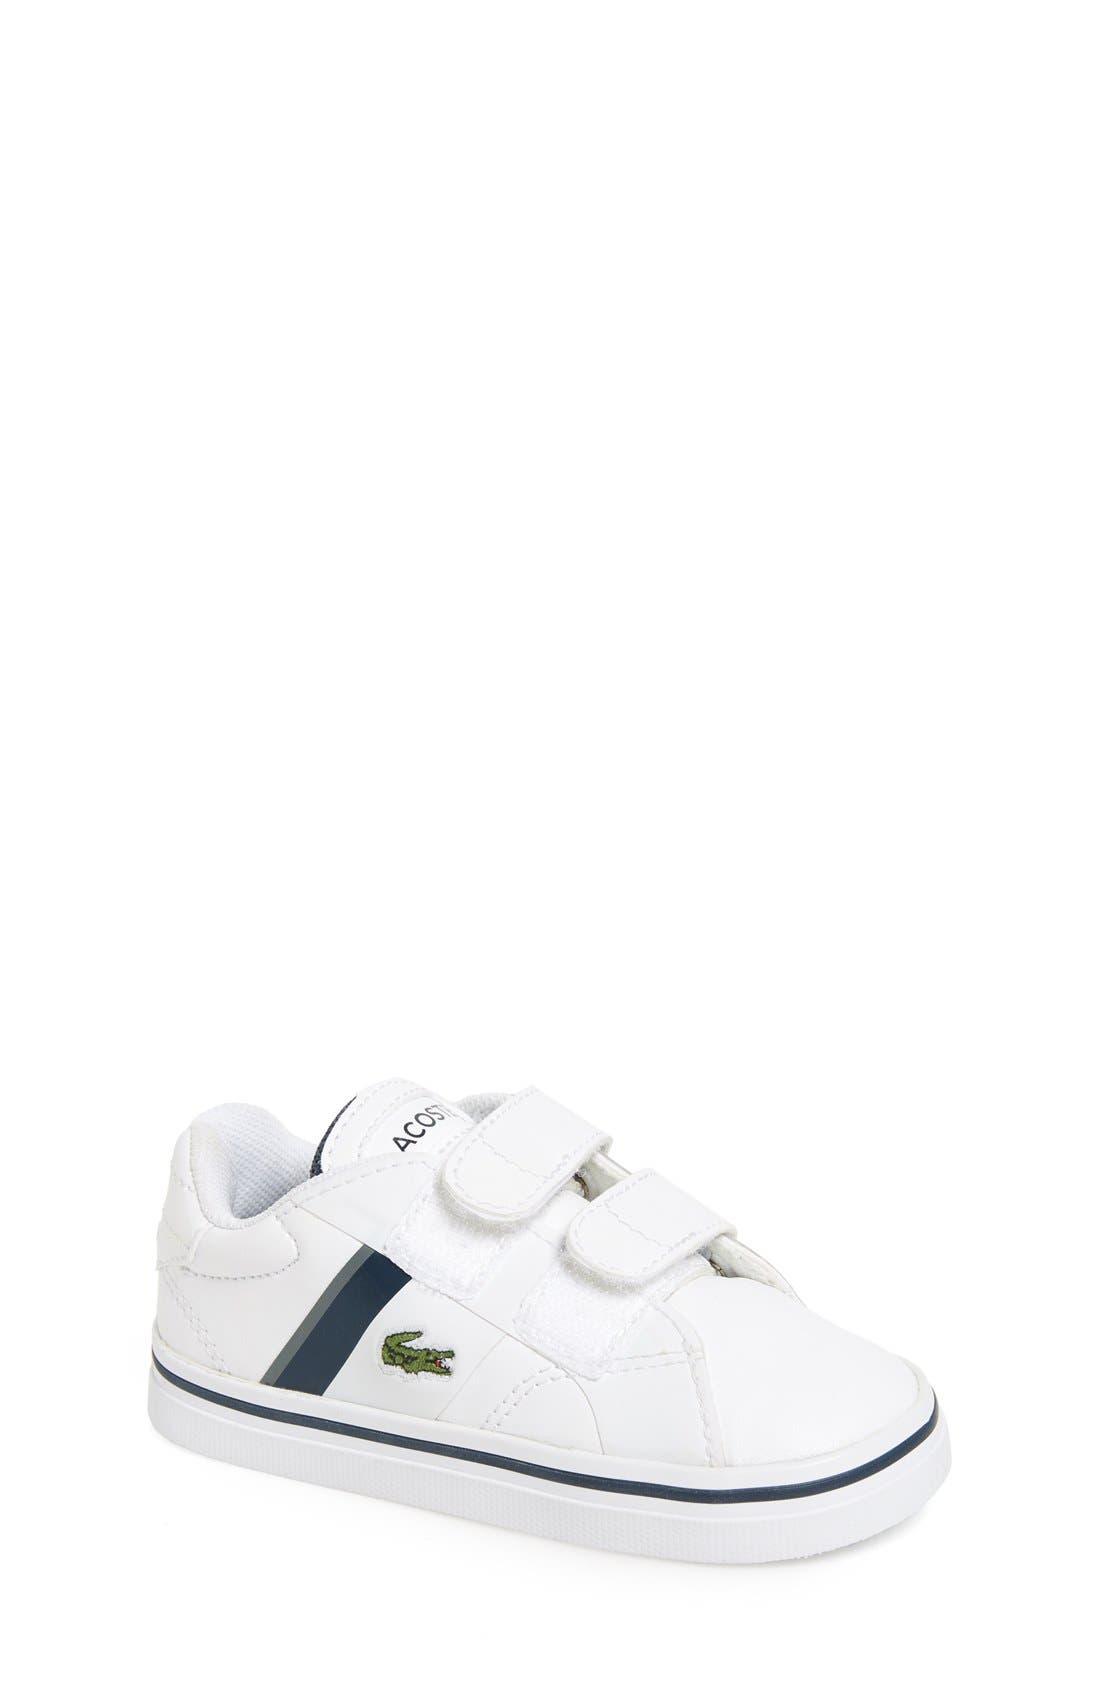 LACOSTE 'Fairlead' Sneaker